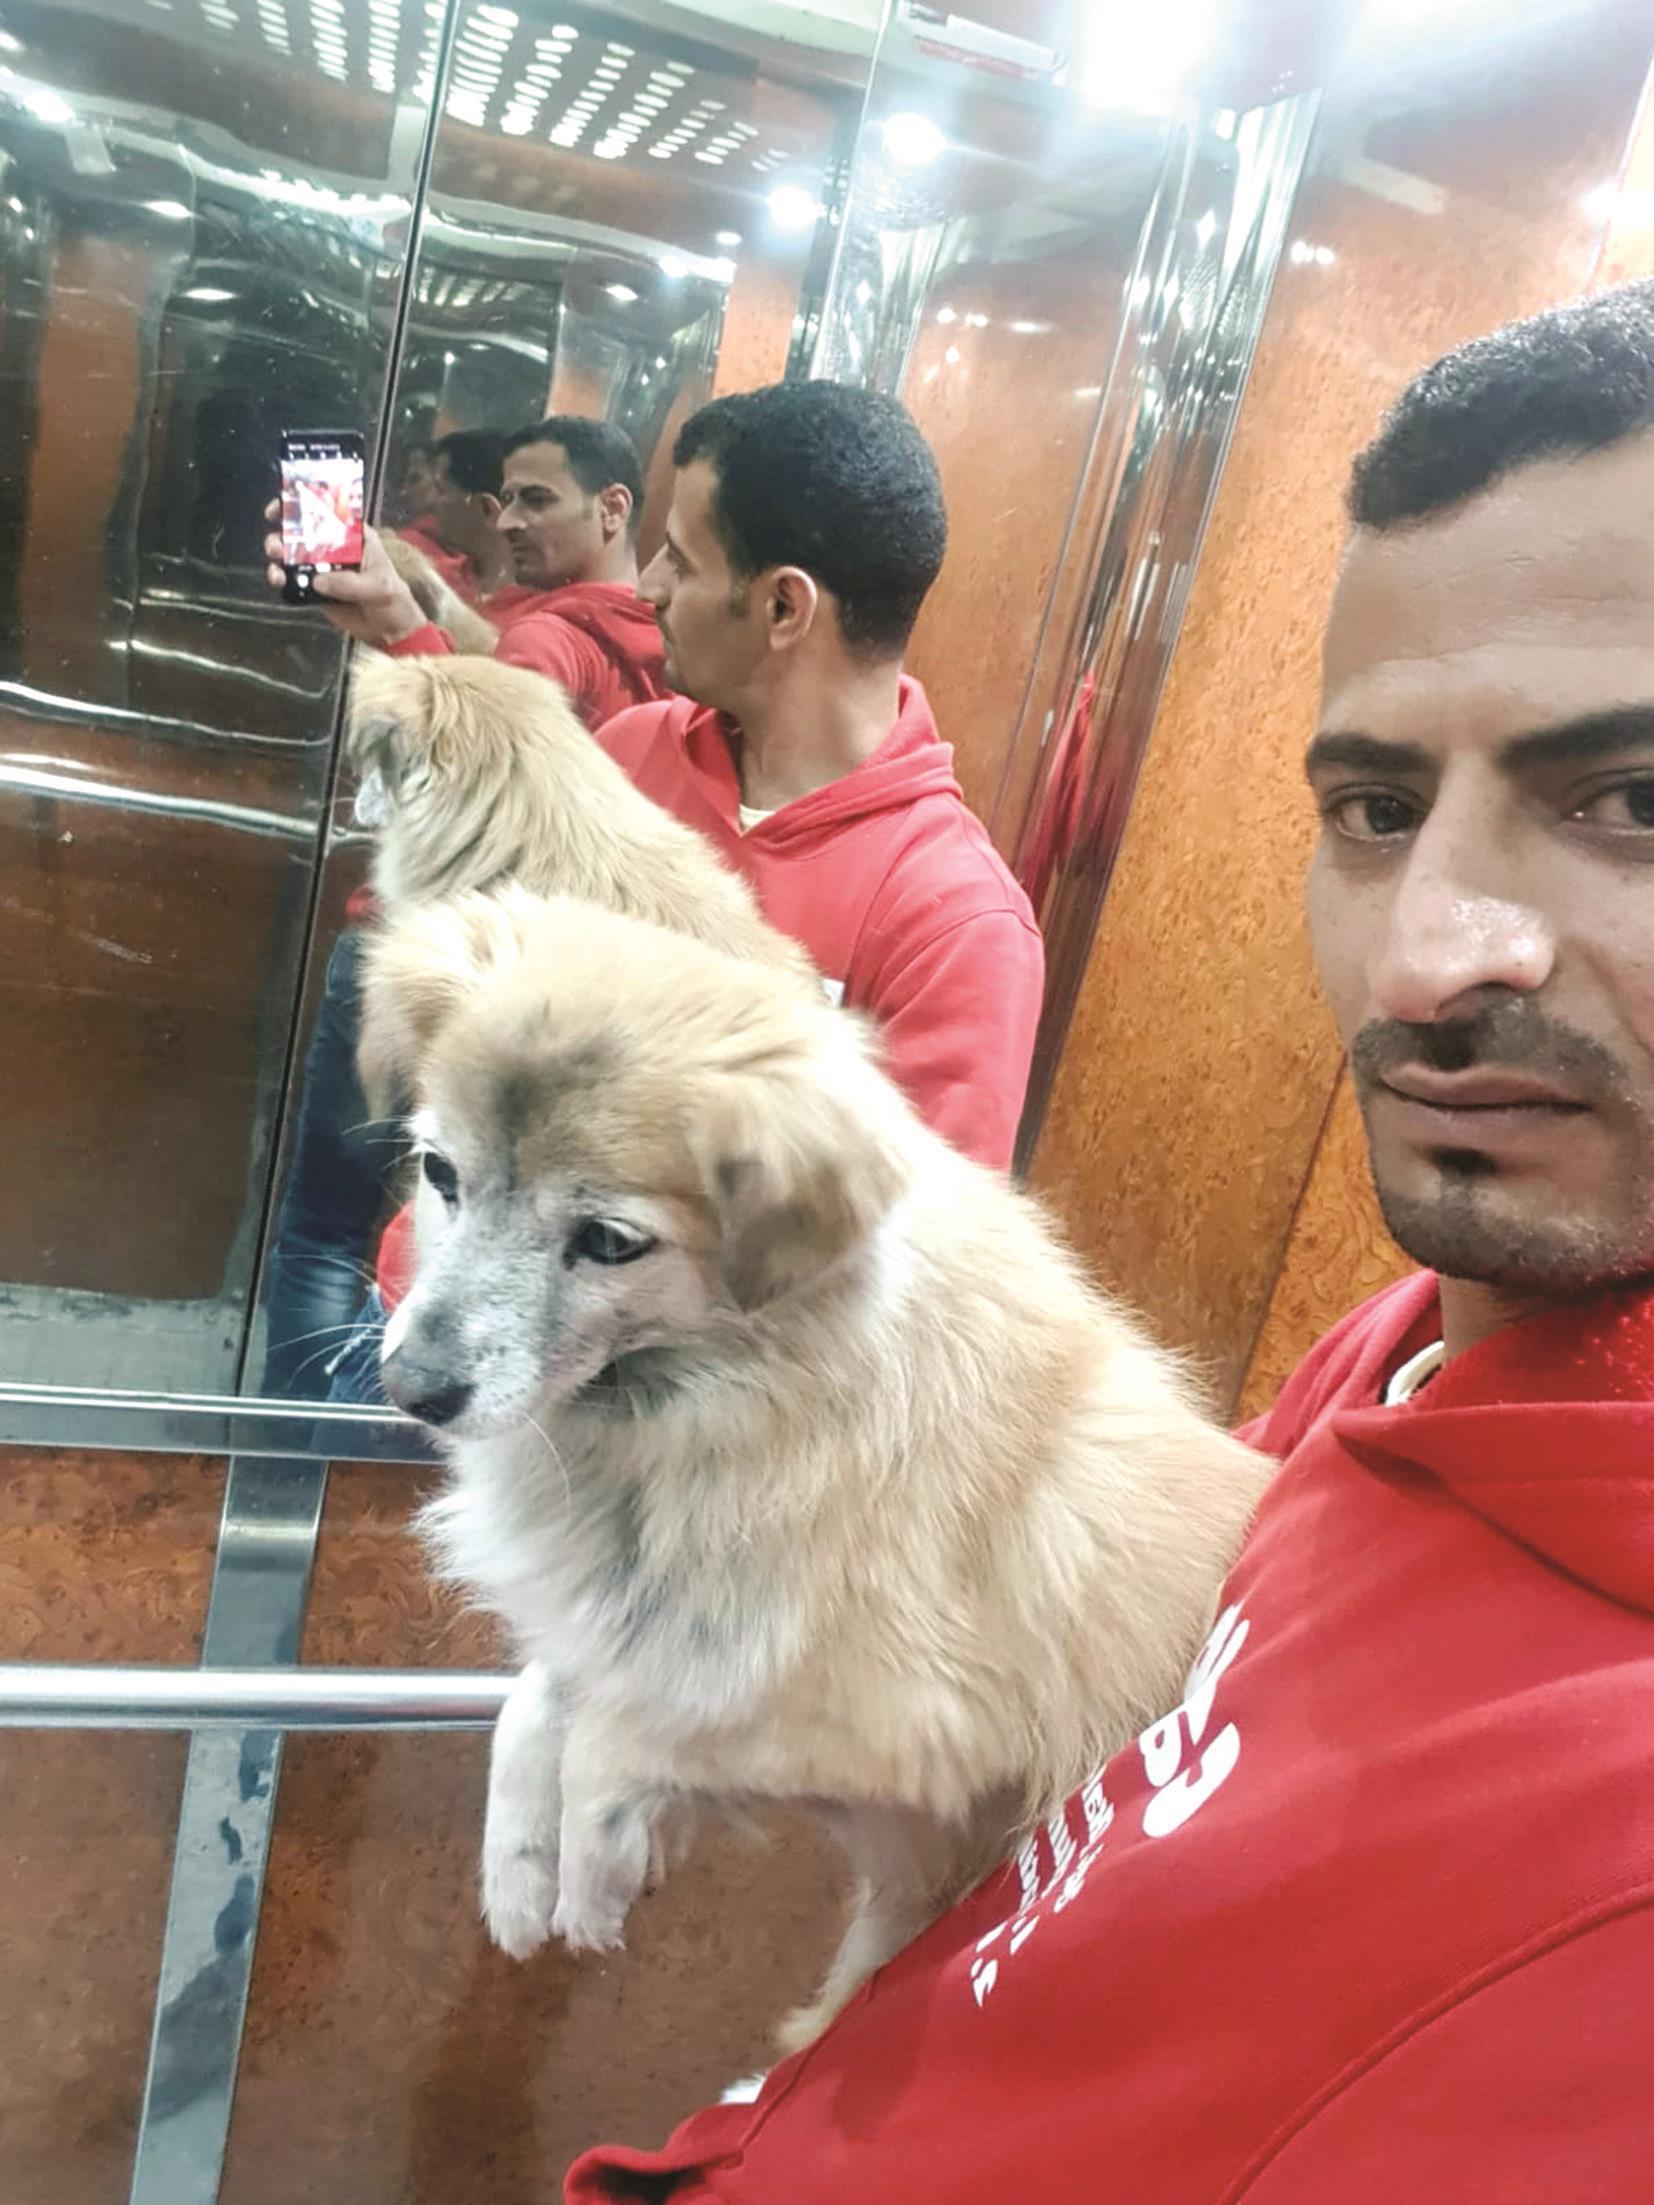 الكلب الكويتى المتغيب دحدوح